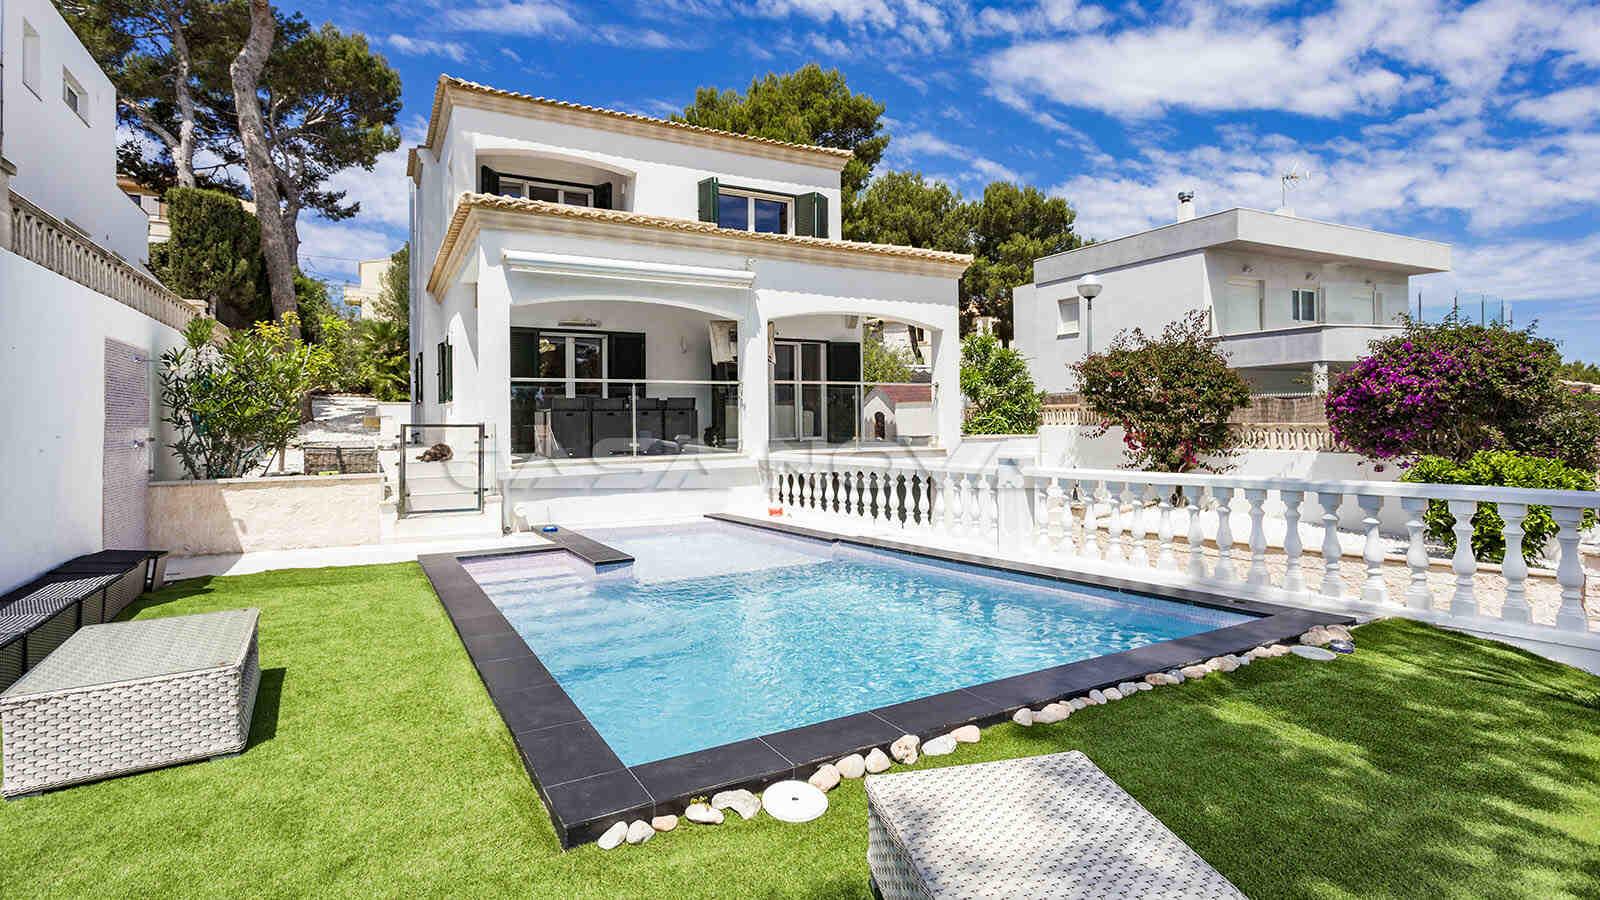 Moderne Mallorca Villa mit Pool in Traumlage